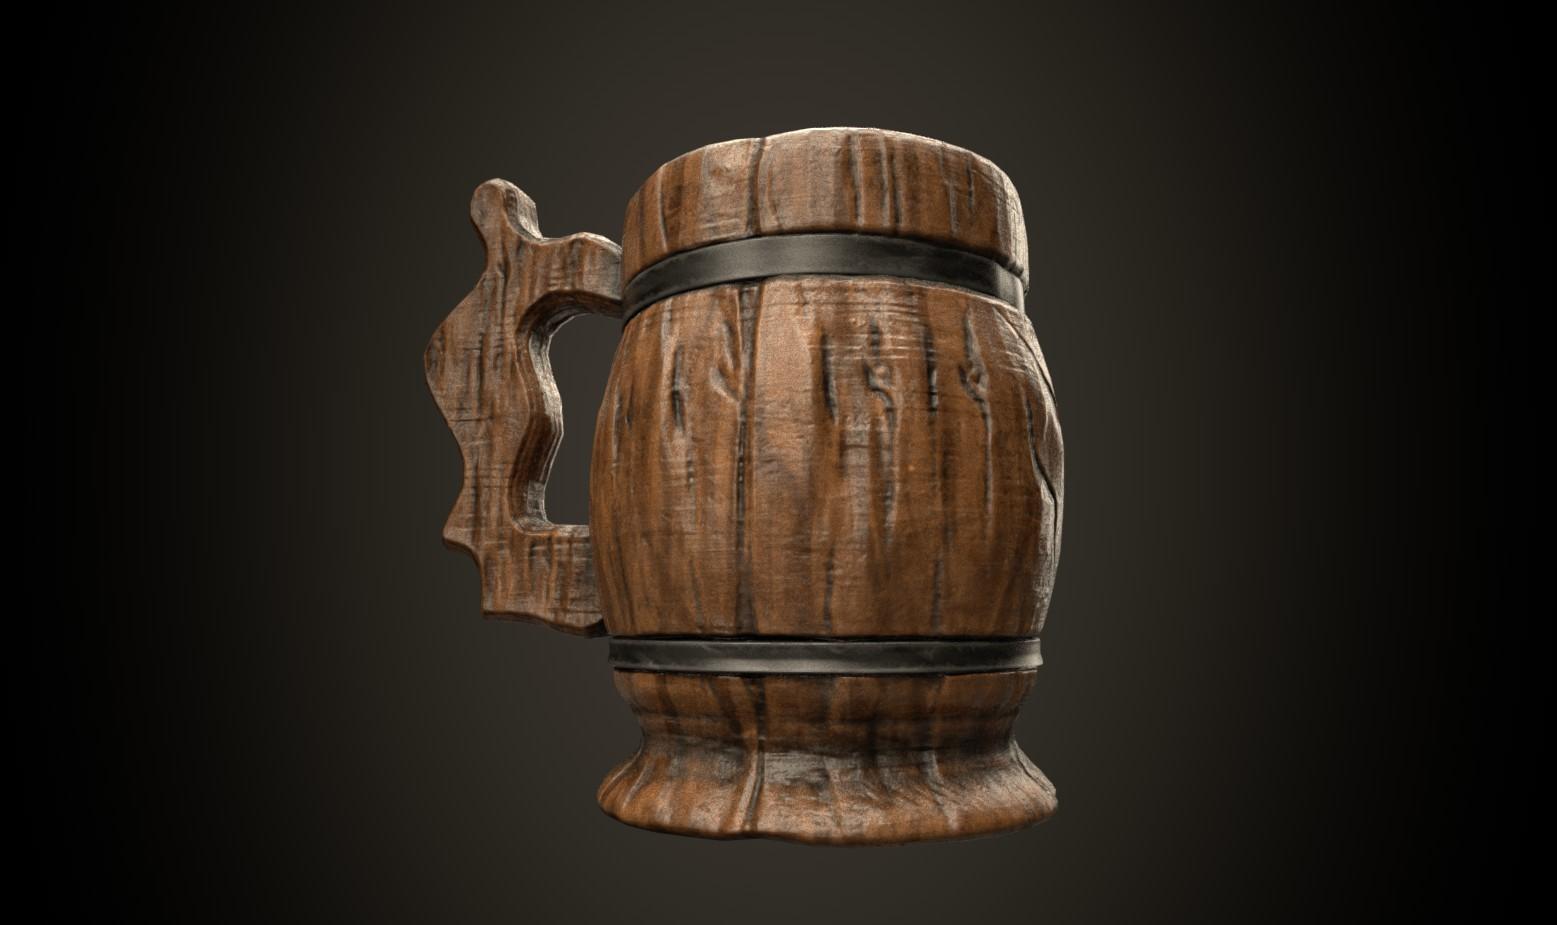 Beer Mug stylized